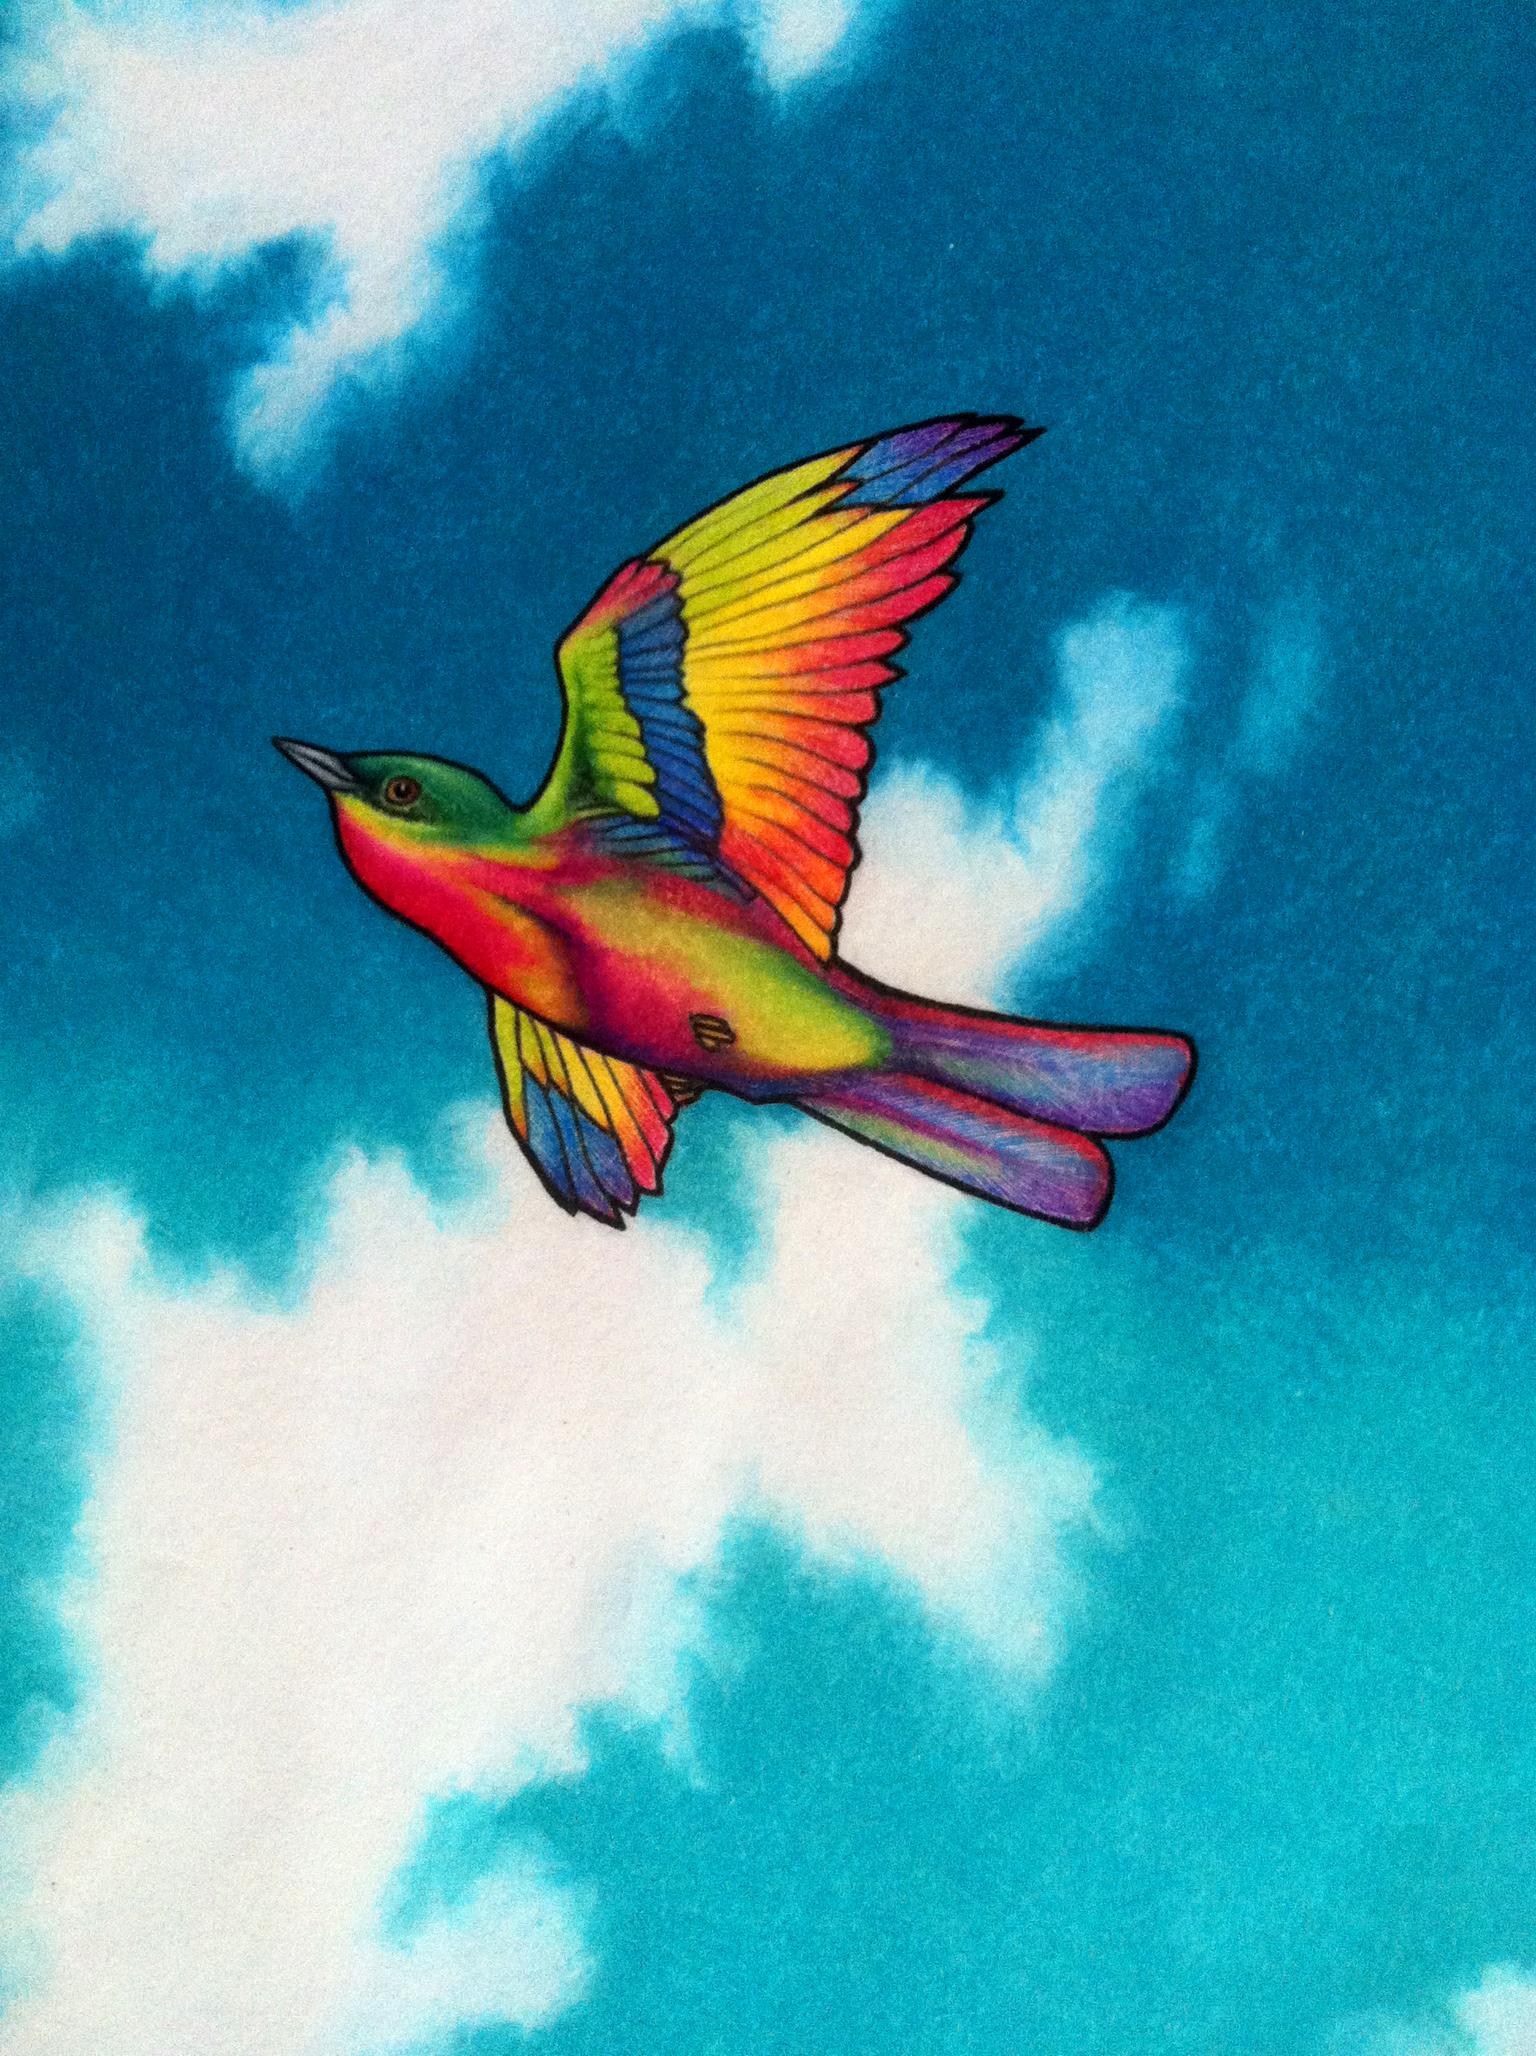 bird_web.jpg